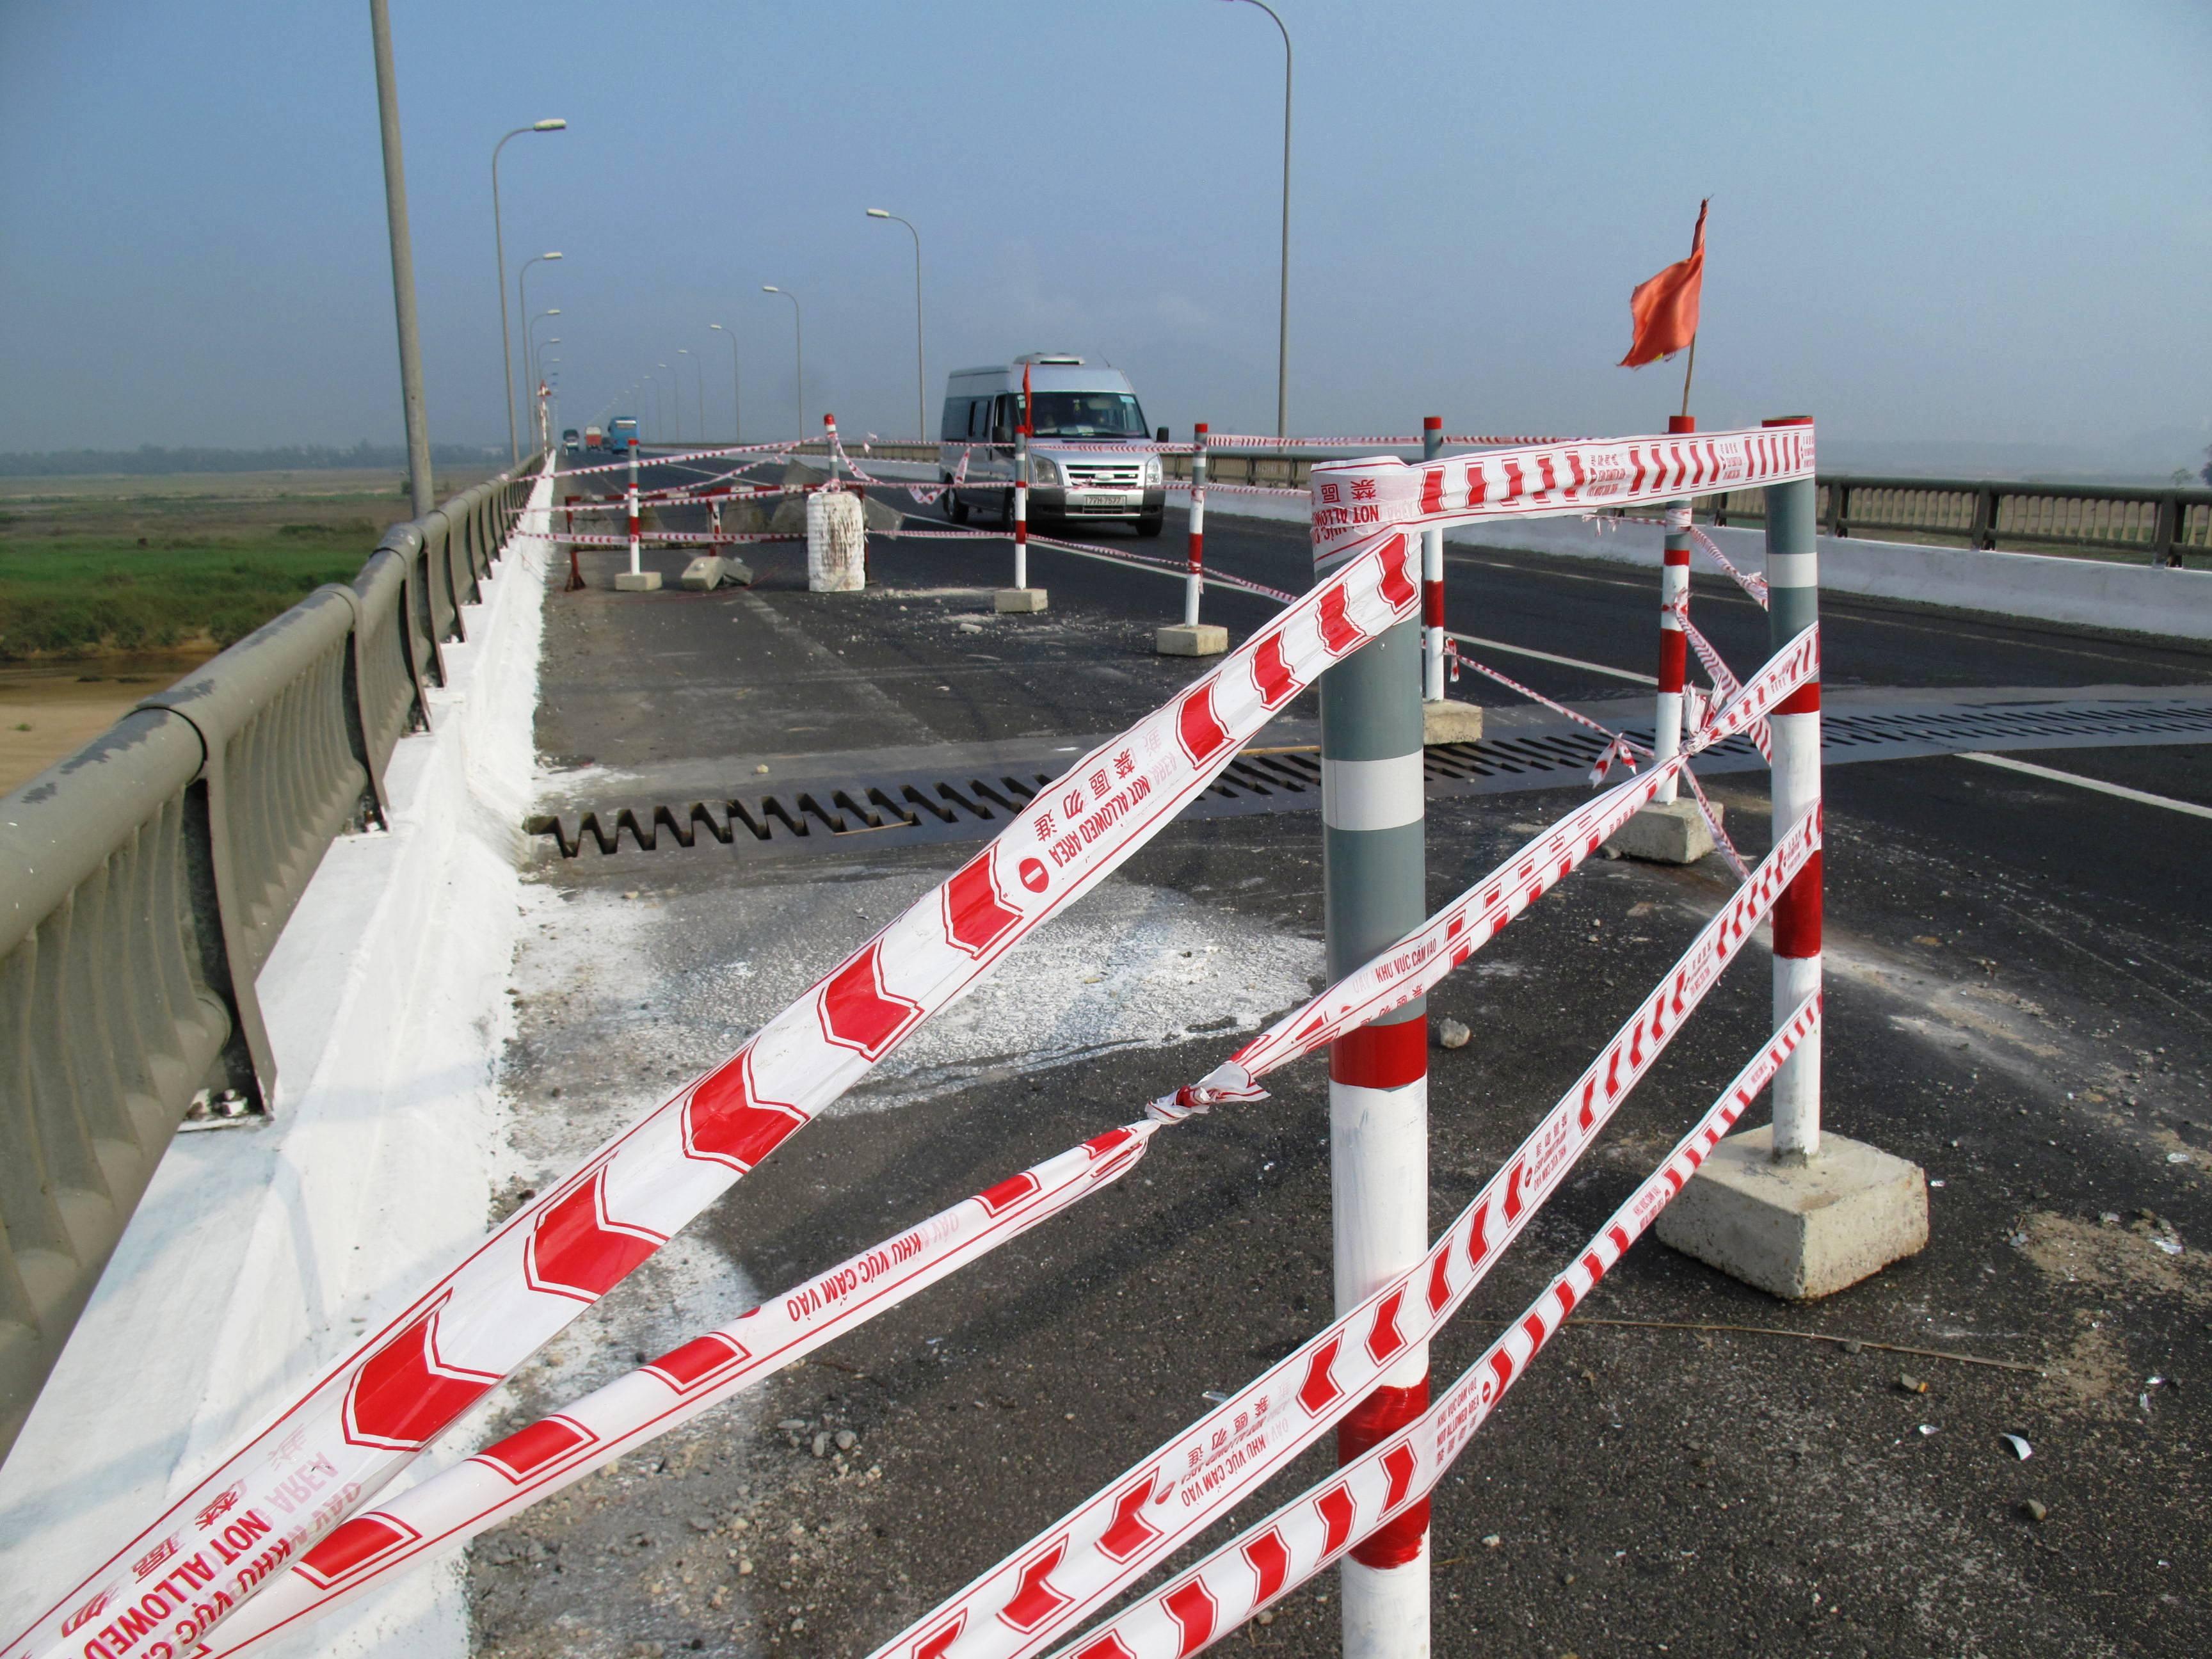 Hiện Cầu Đà Rằng đang bị hạn chế lưu thông sau sự cố